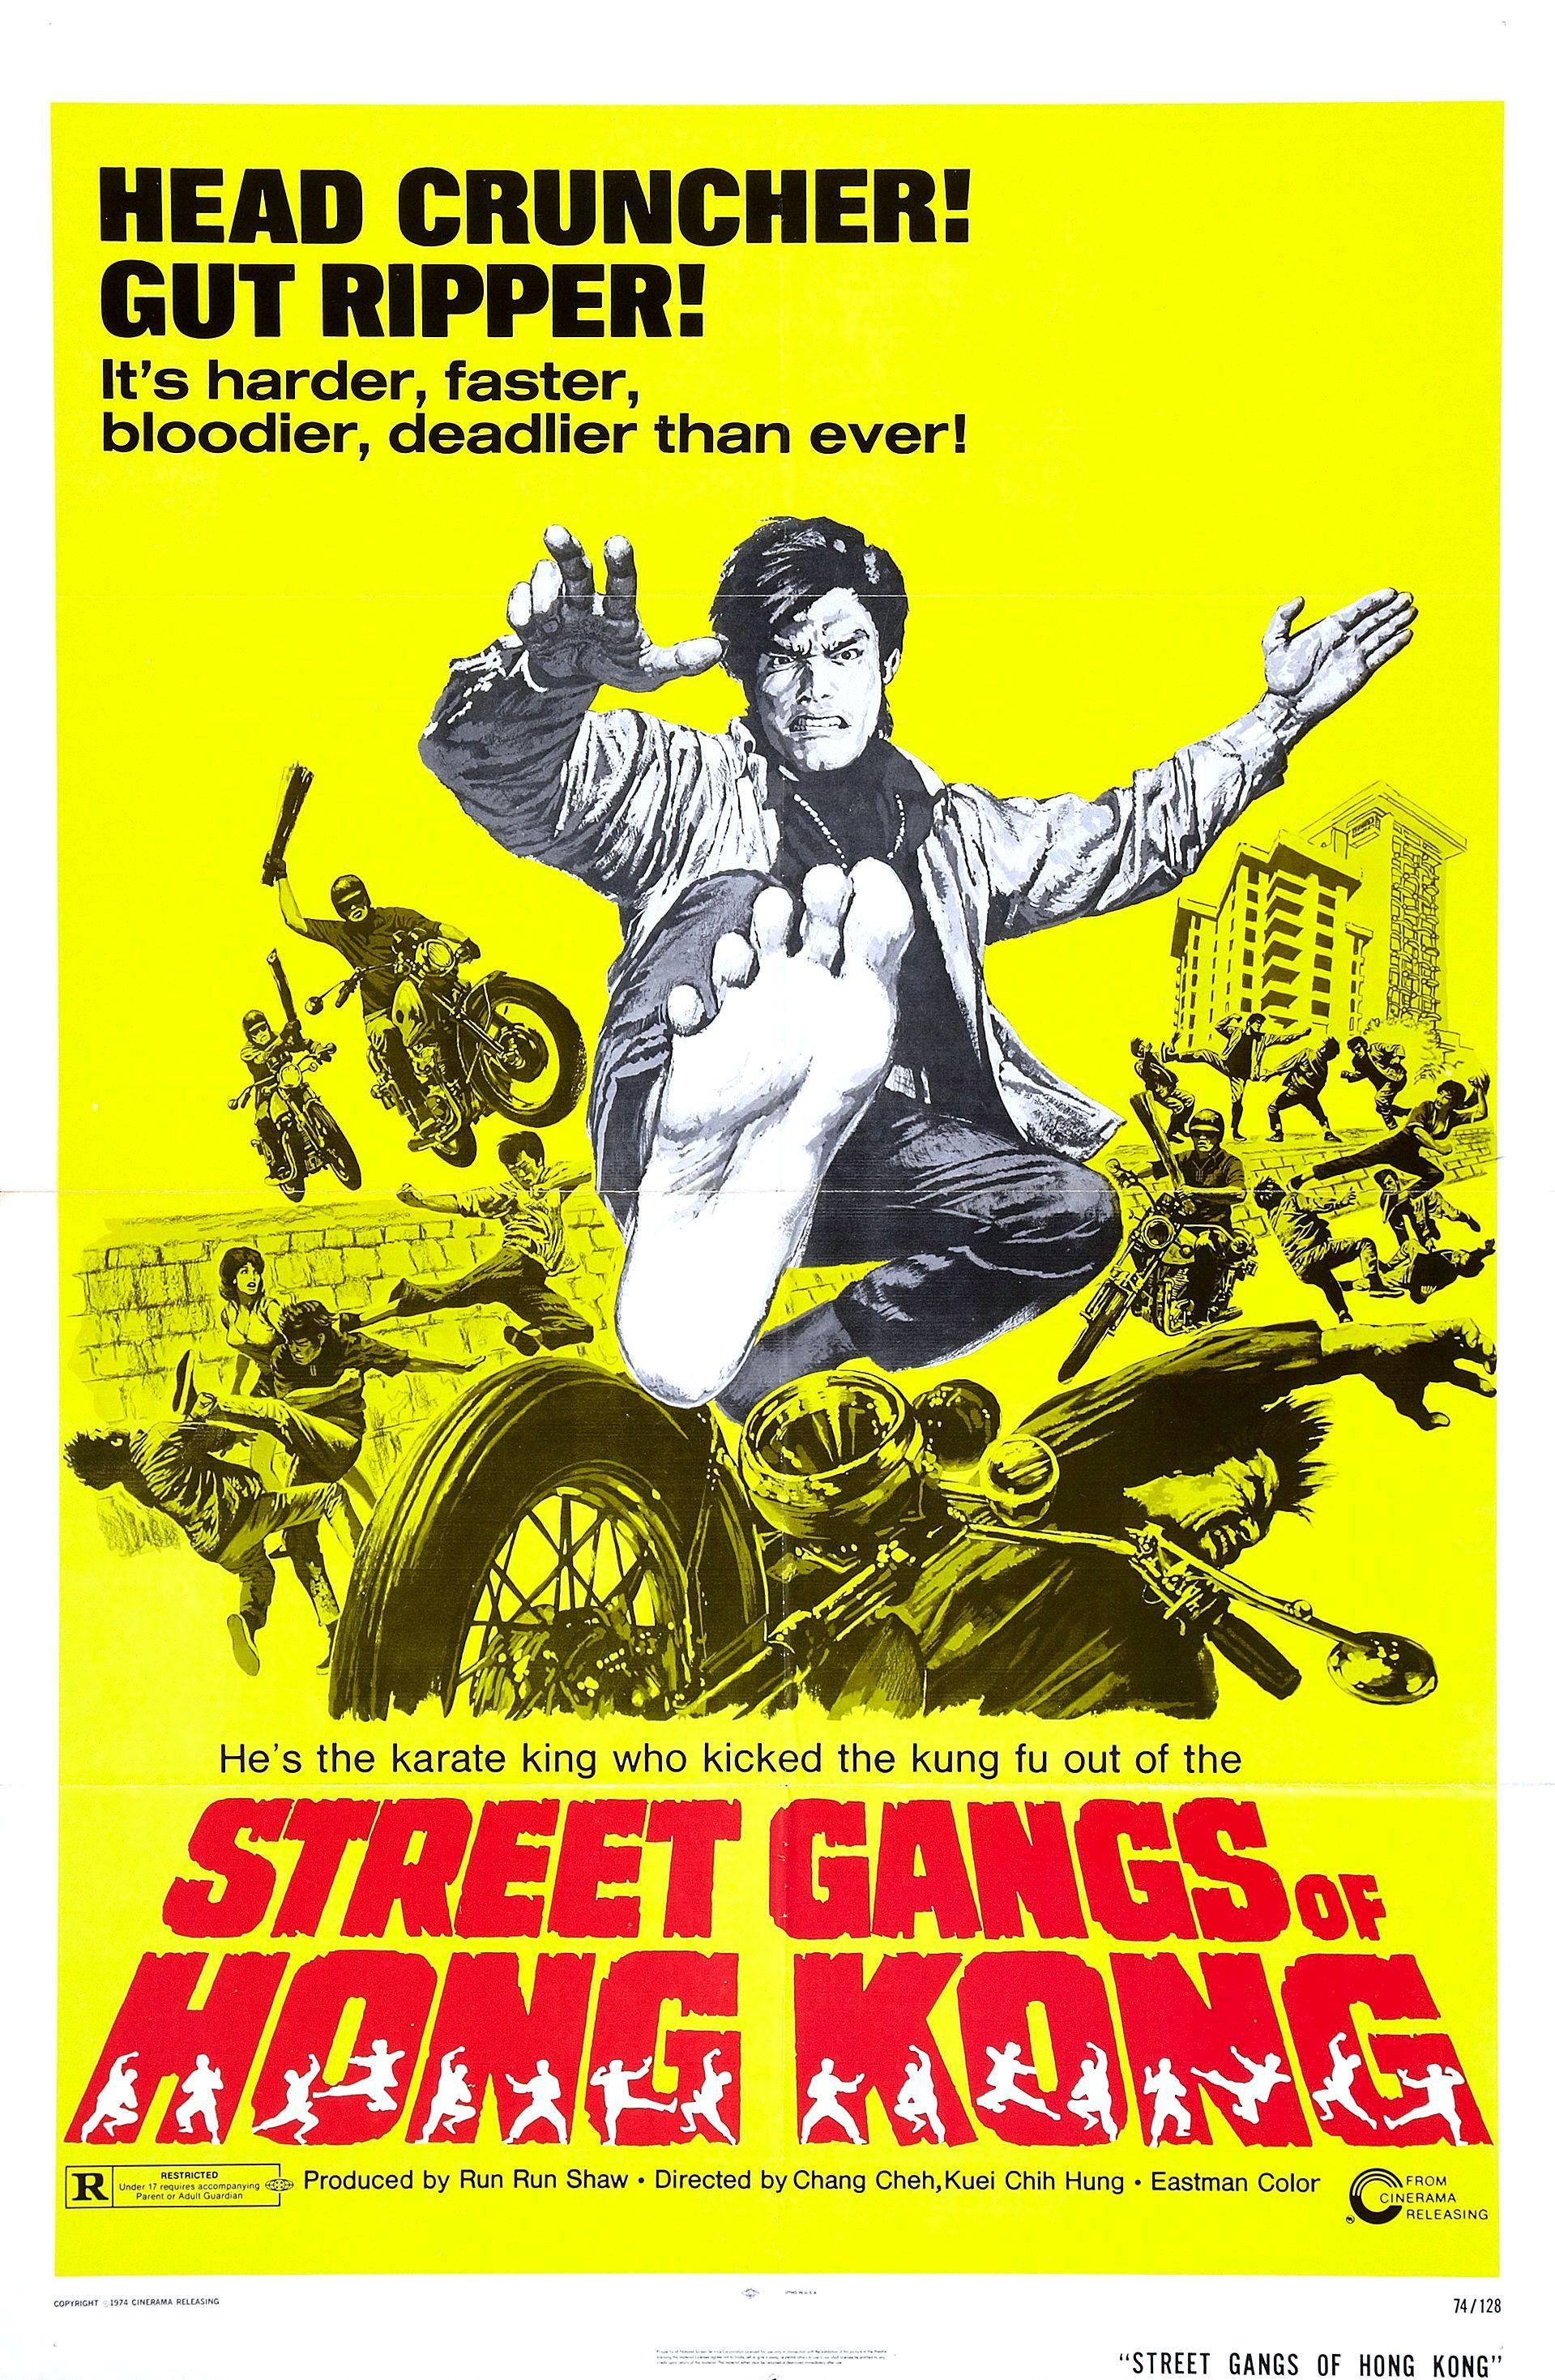 Street Gangs of Hong Kong (1973)